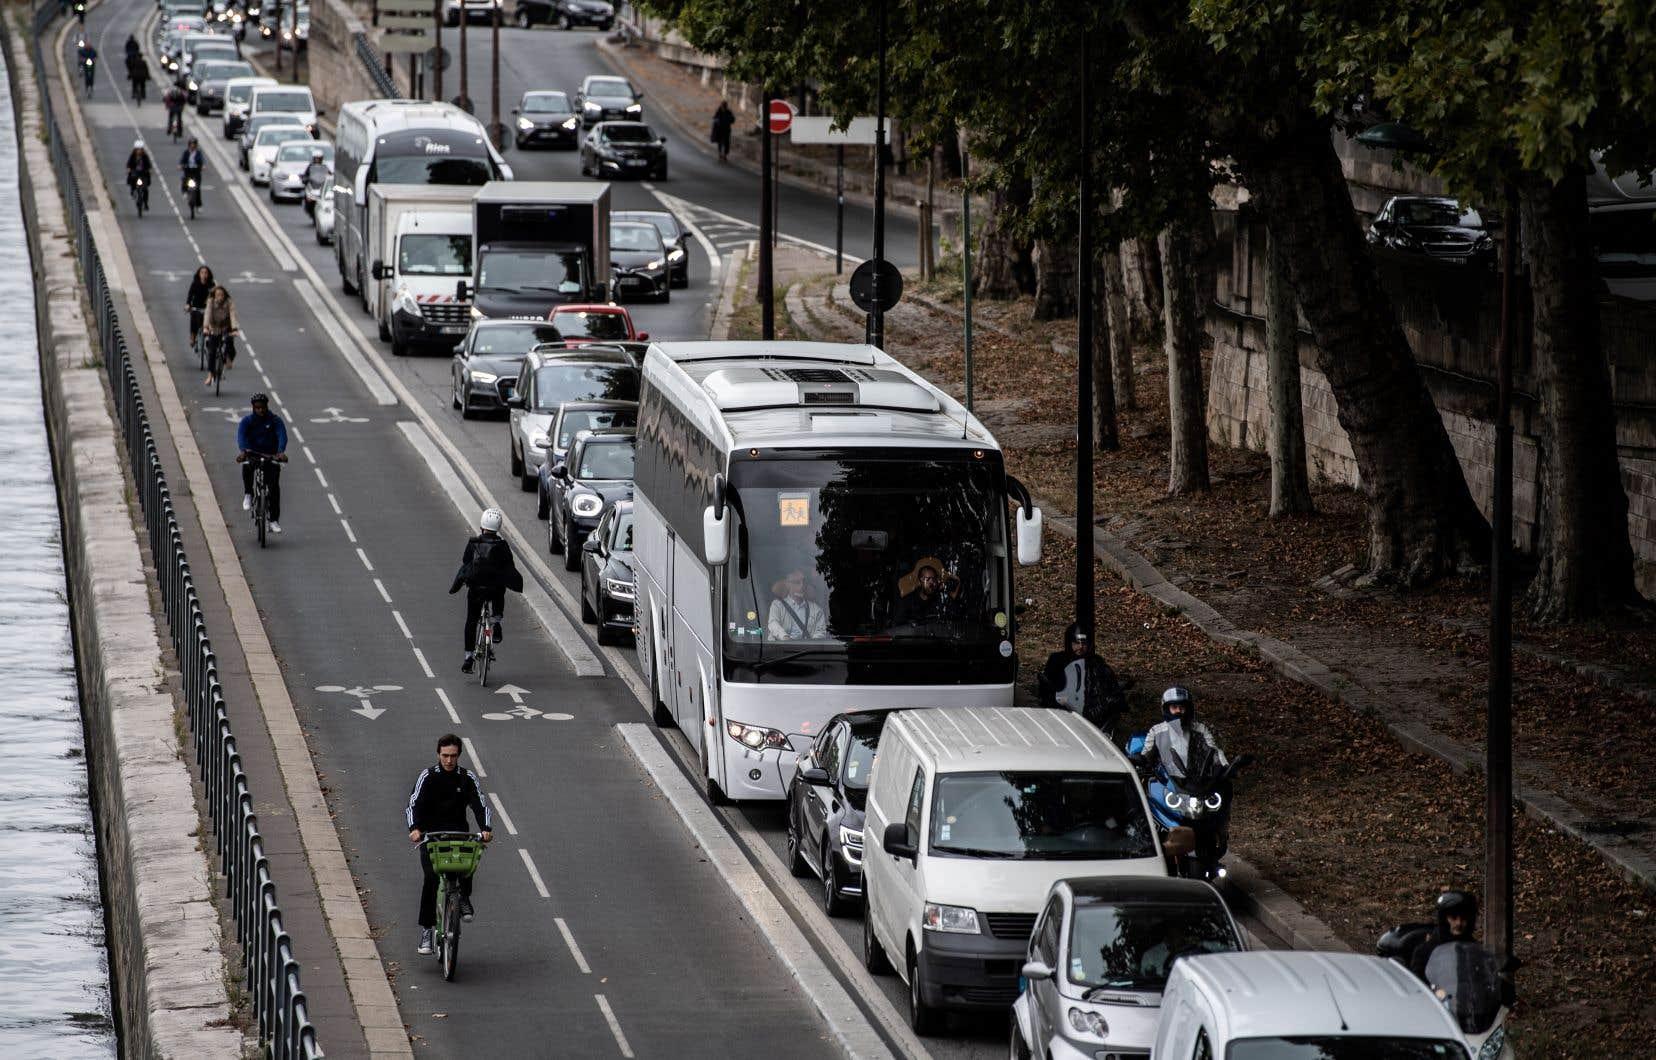 La capitale française et sa région ont été fortement perturbées vendredi par une grève massive dans les transports pour protester contre un projet de réforme des retraites.